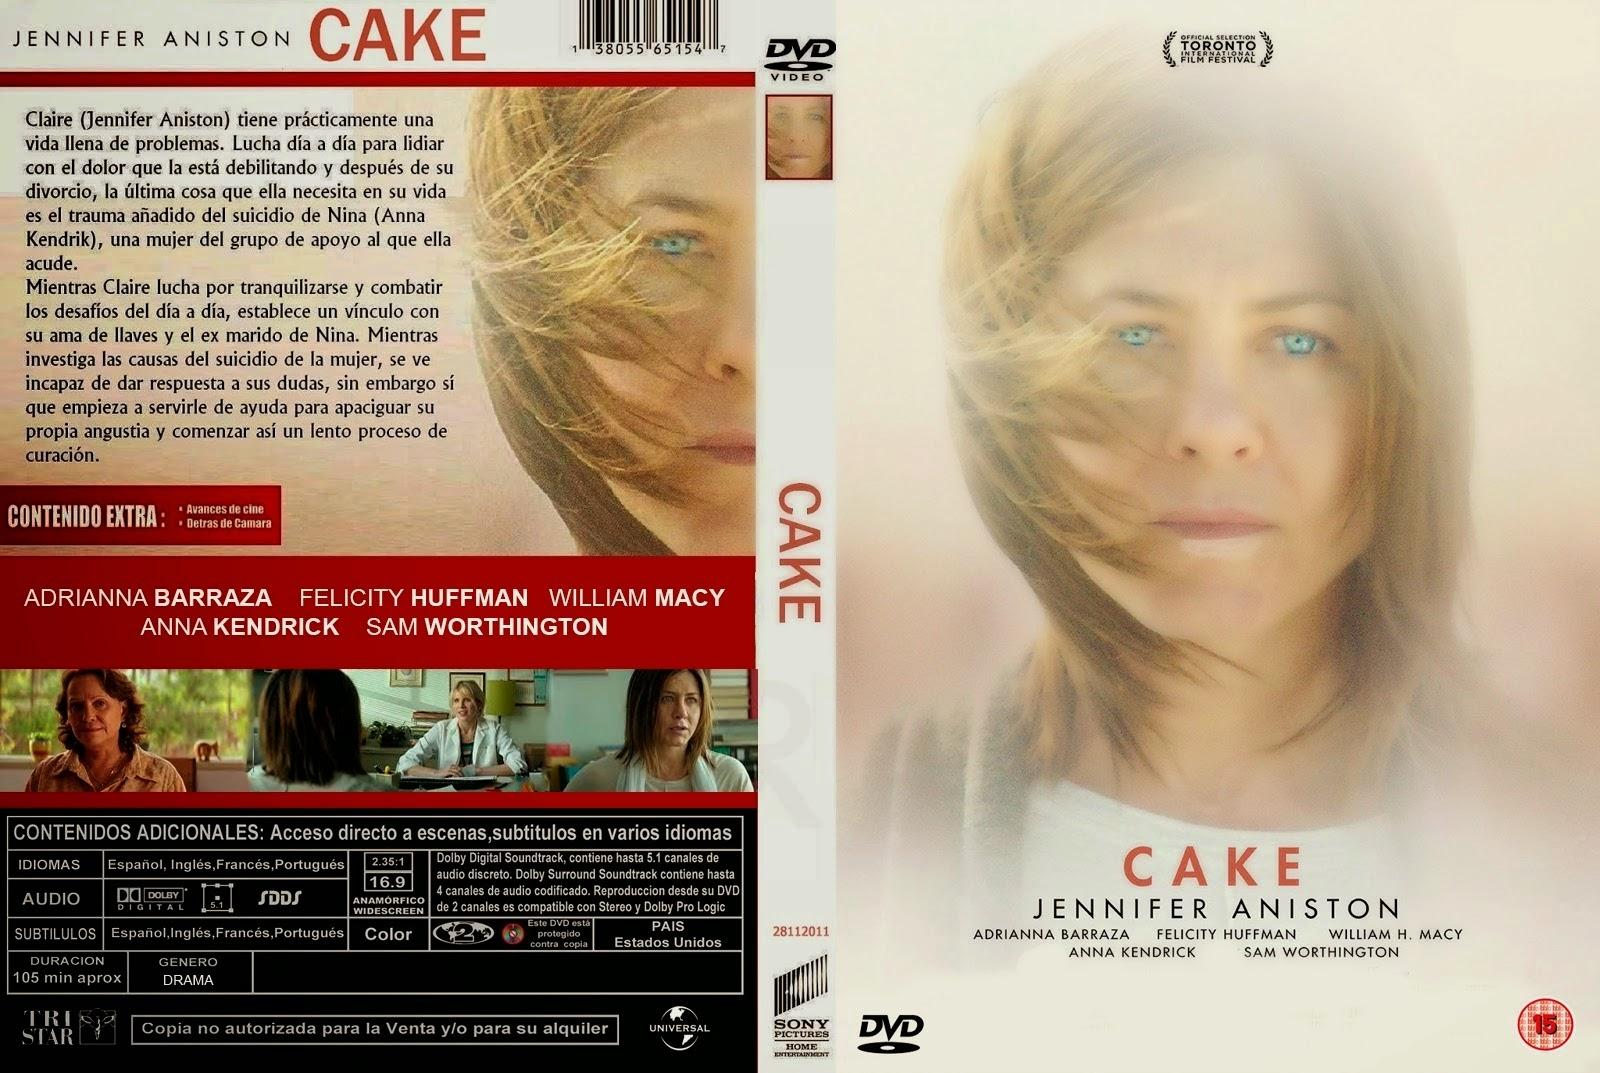 Baixar Cake Uma Razão Para Viver BDRip XviD Dual Áudio CAKE 2BUma 2BRaz C3 A3o 2BPara 2BViver